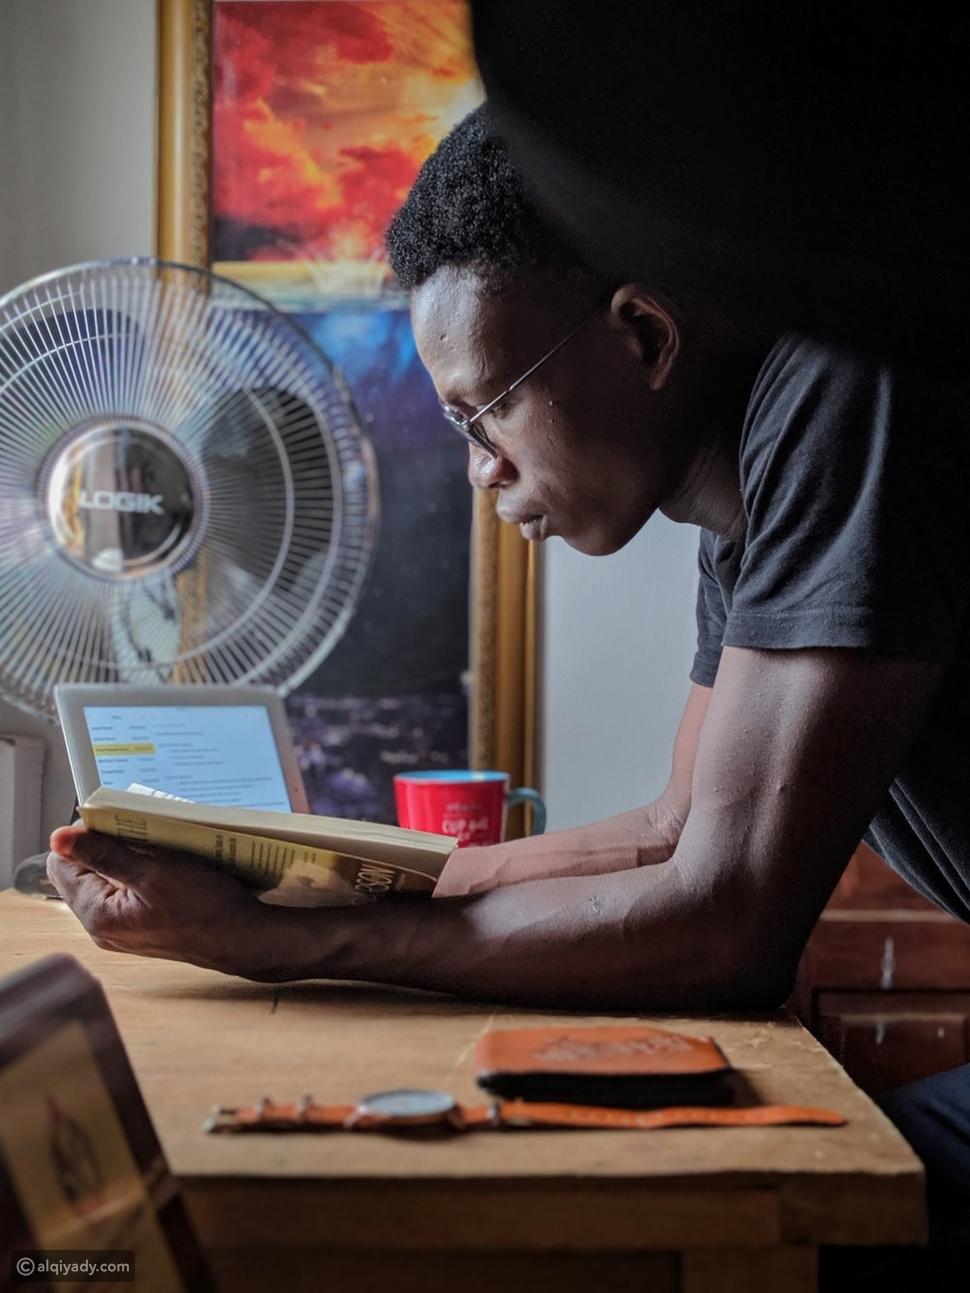 3 طرق لقراءة المزيد من الكتب عندما لا يكون لديك الوقت الكافي